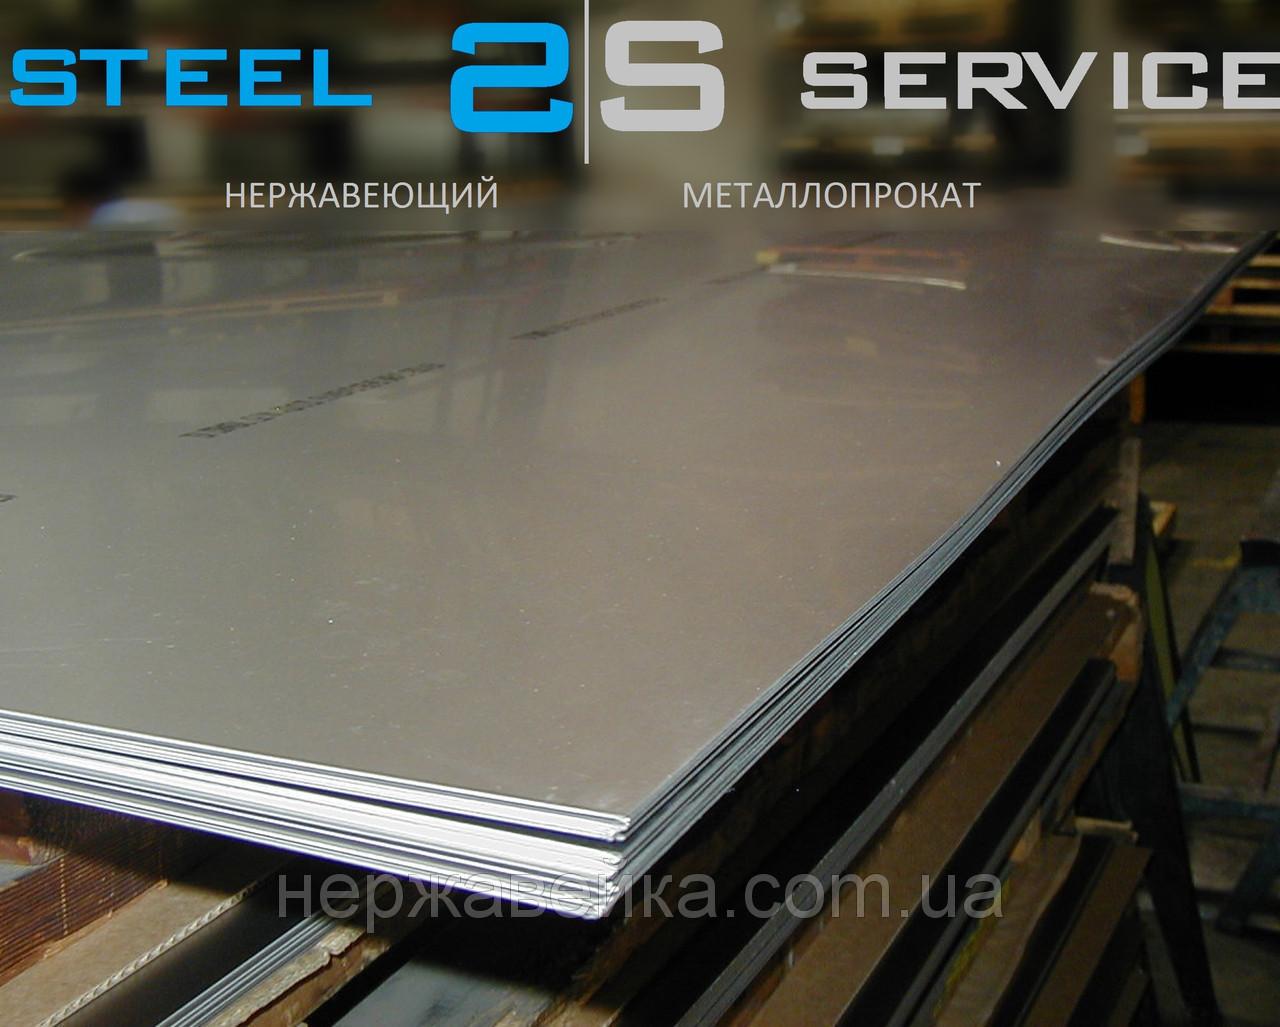 Нержавеющий лист 5х1500х3000мм  AISI 309(20Х23Н13, 20Х20Н14С2) F1 - горячекатанный,  жаропрочный